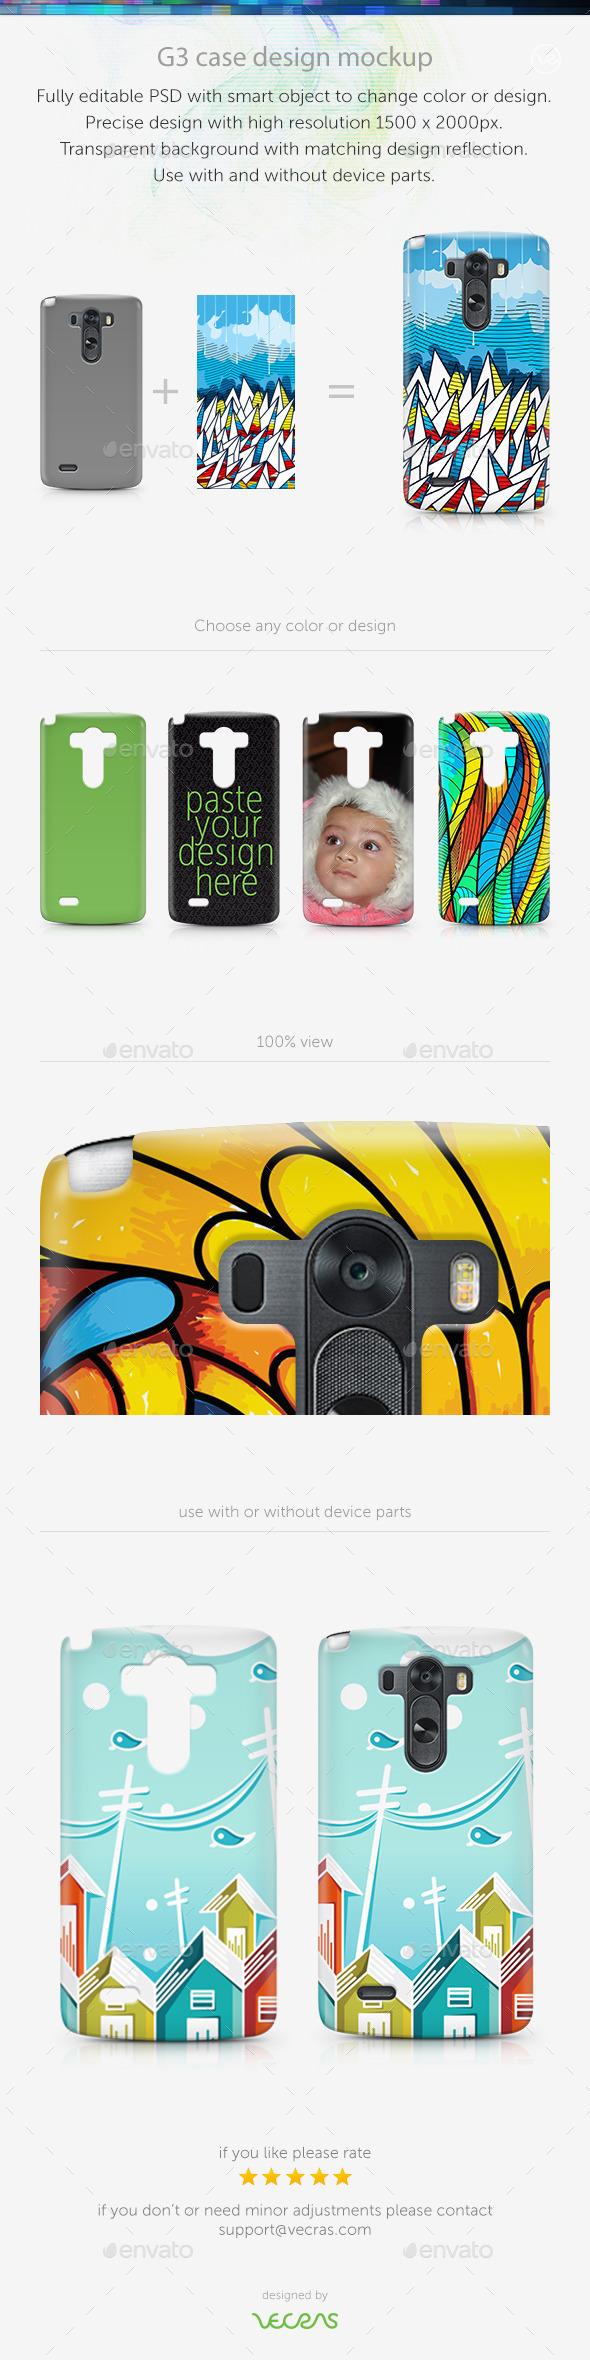 G3 Case Design Mockup